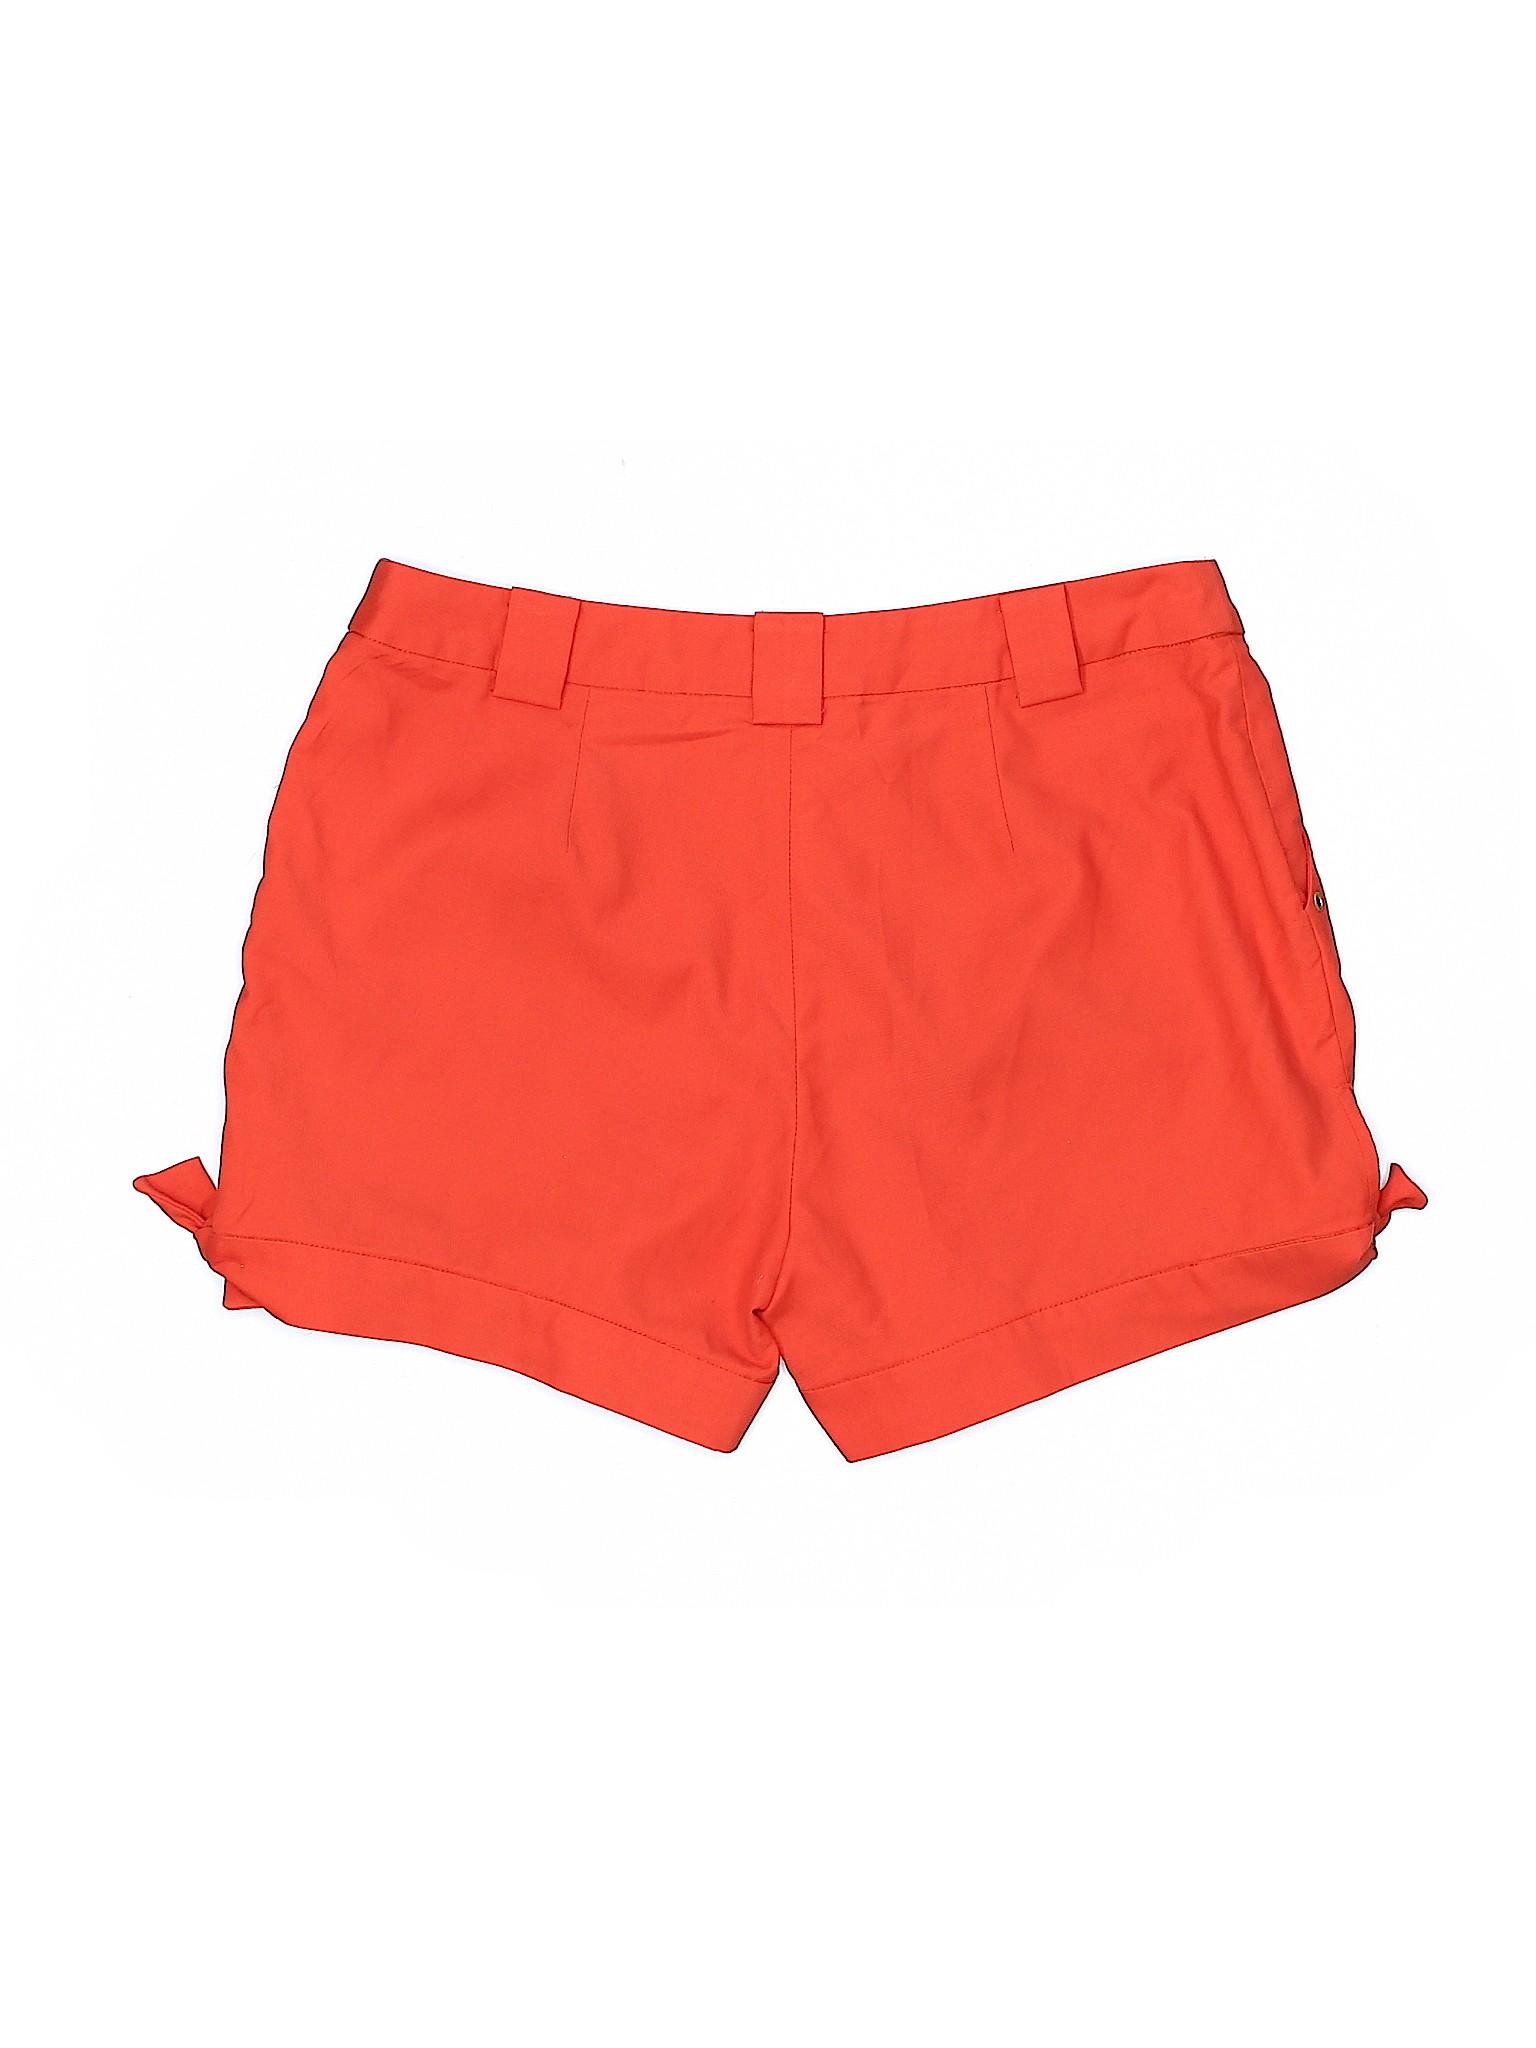 Tallulah Boutique Tallulah Sunrise Sunrise Shorts Boutique Shorts xRIwn4SEqT